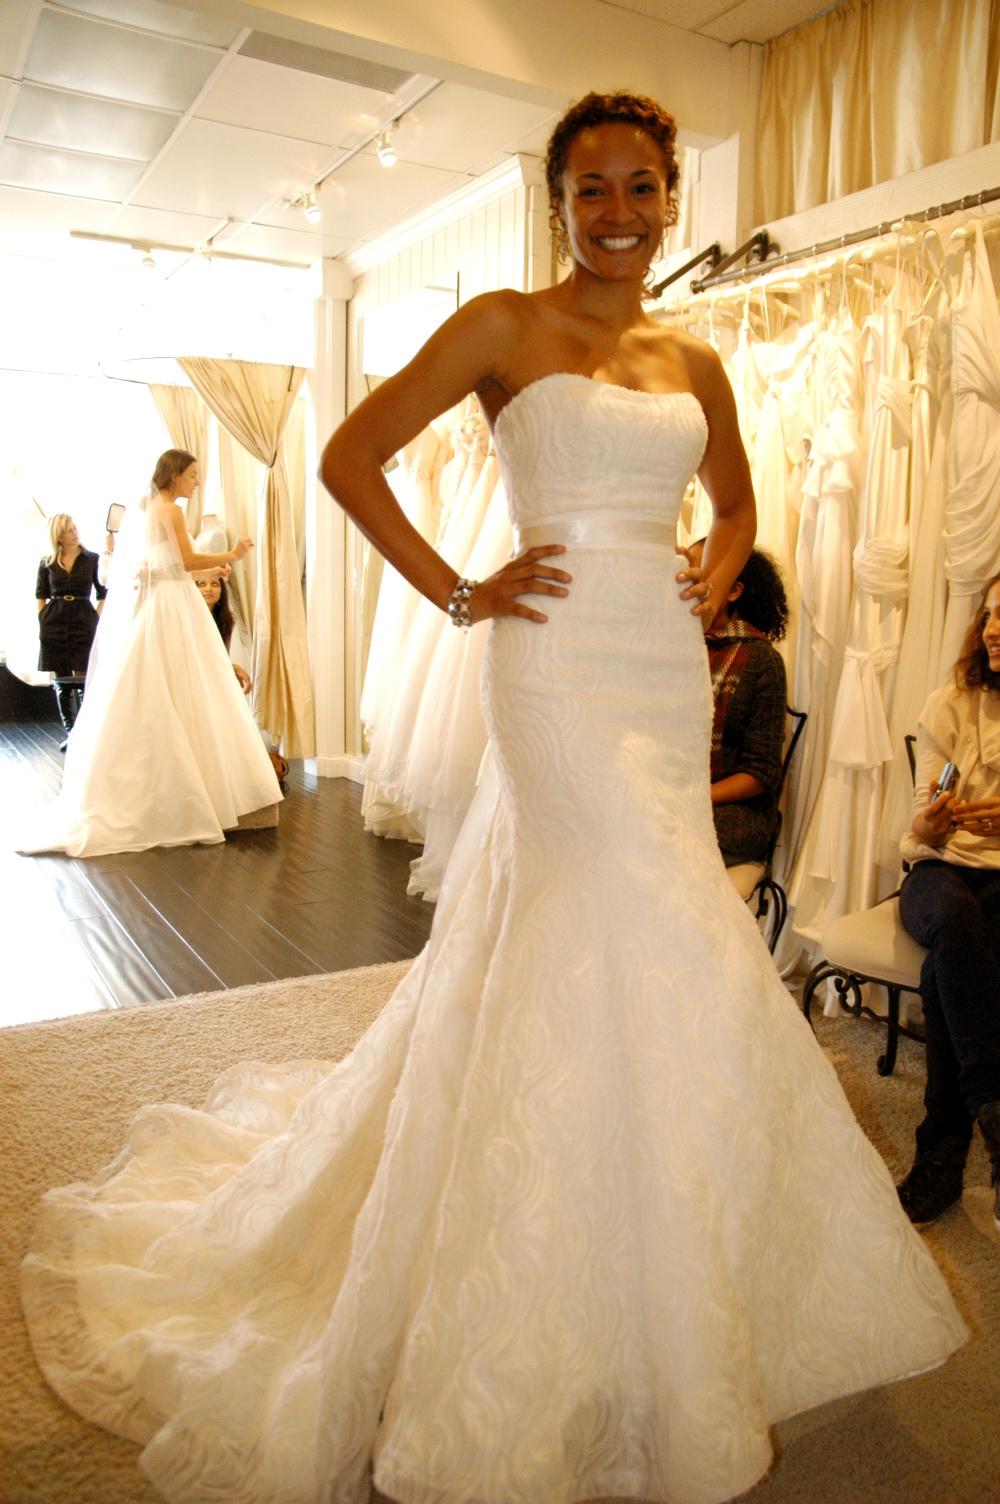 Designer Brautkleider Blog: März 2012